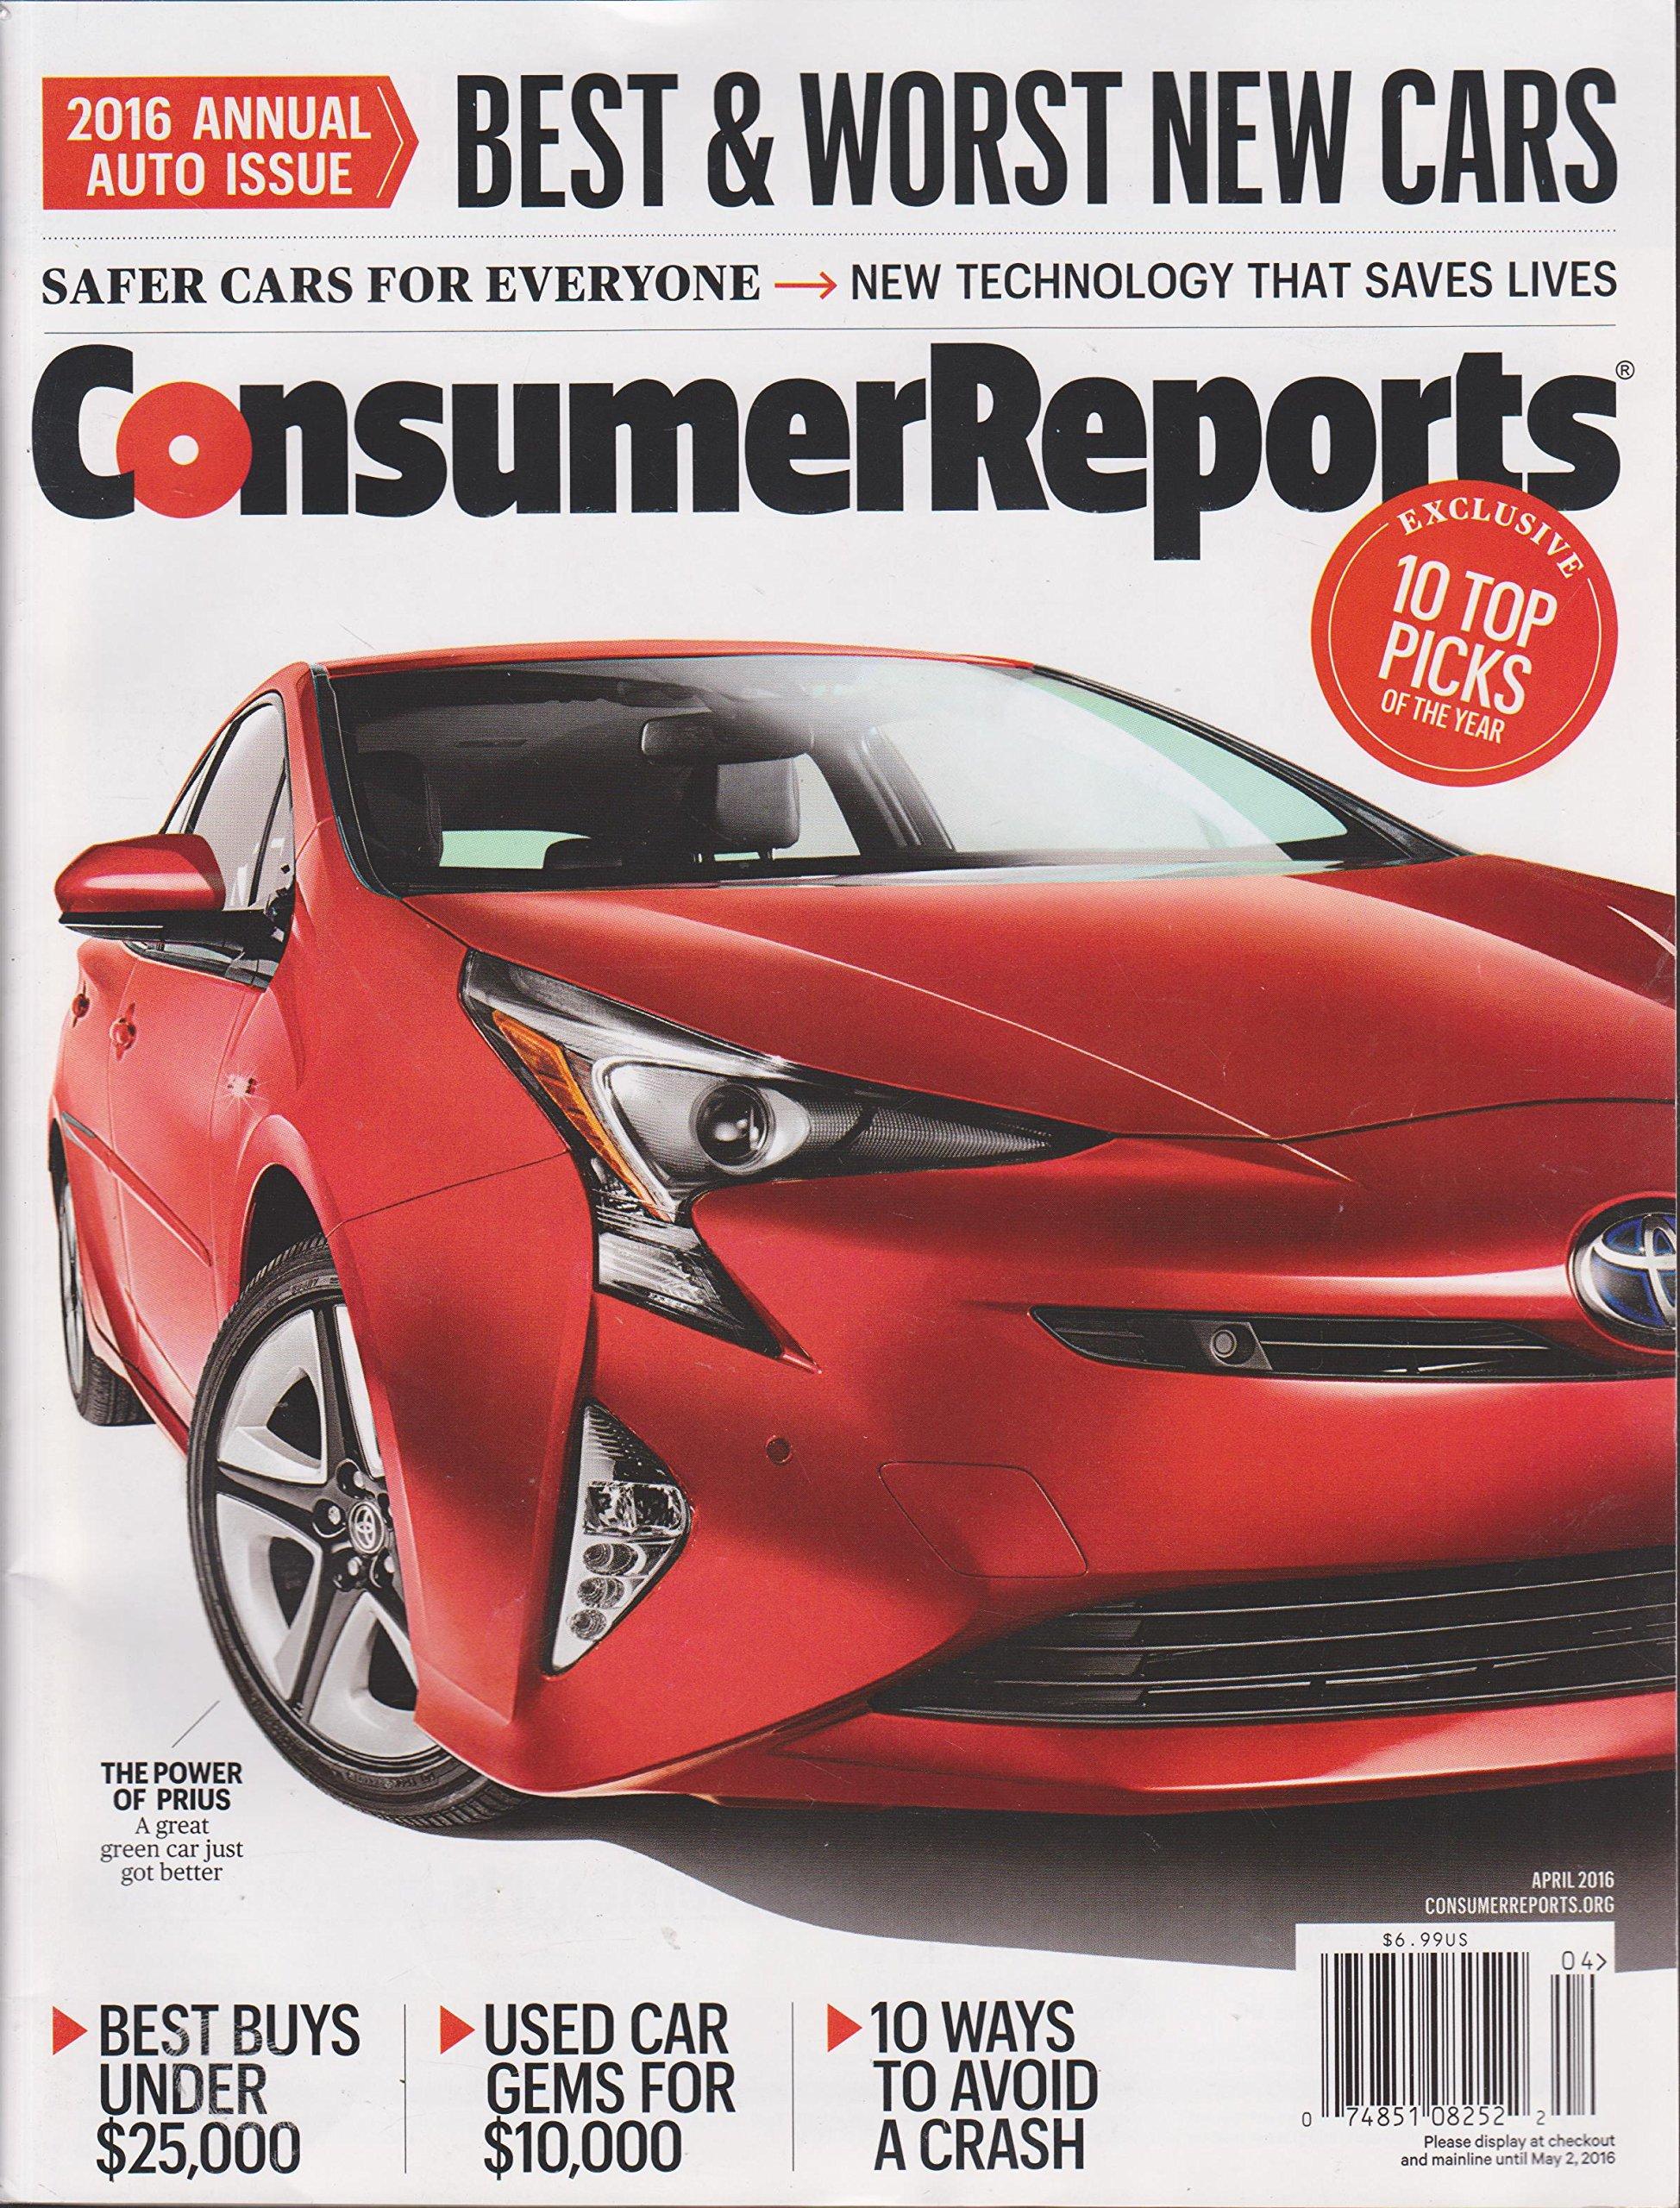 Consumer Reports April 2016 ebook